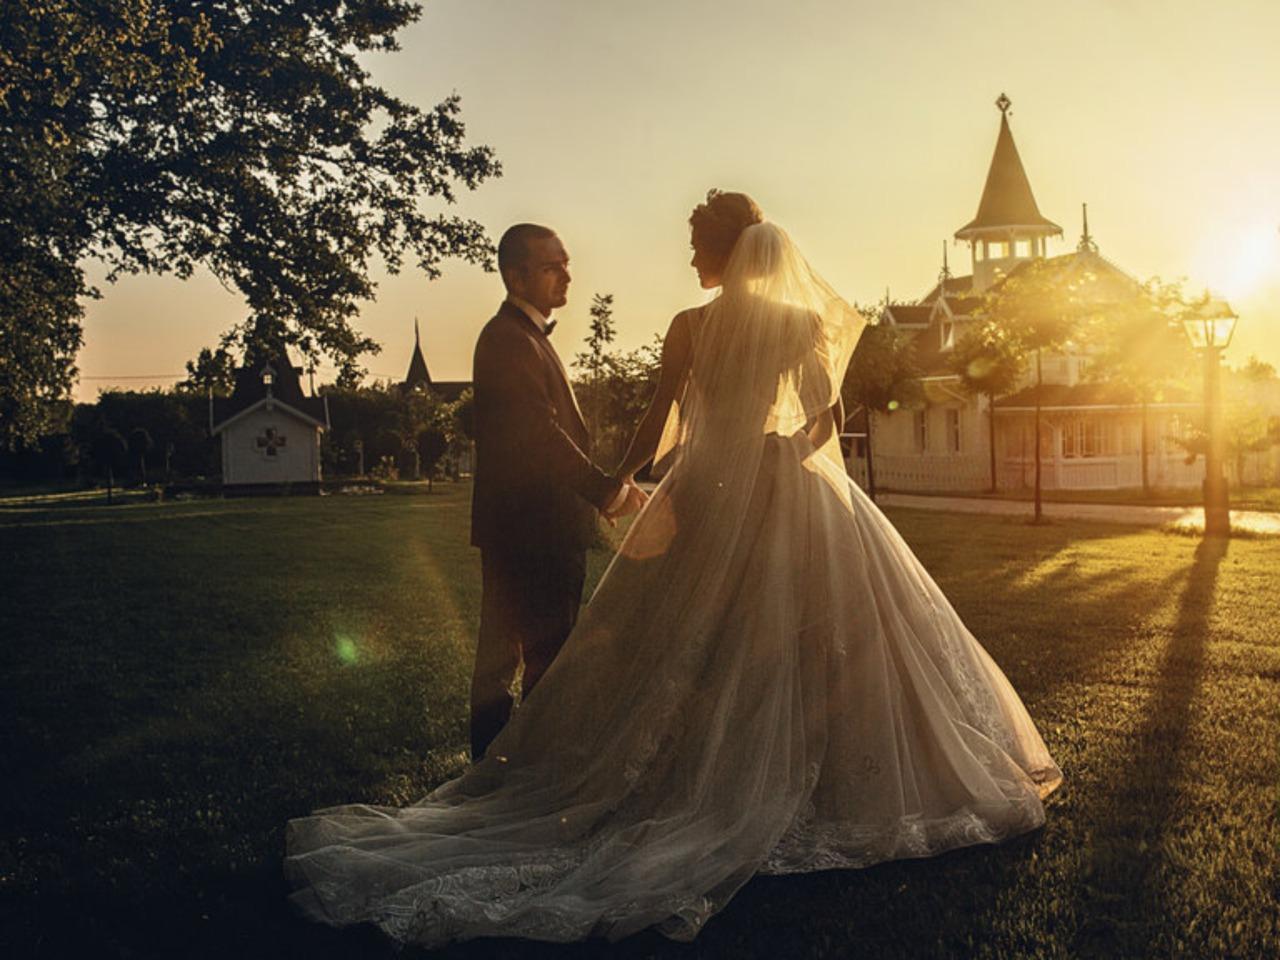 Романтическое свидание в Коломне - индивидуальная экскурсия в Коломне от опытного гида